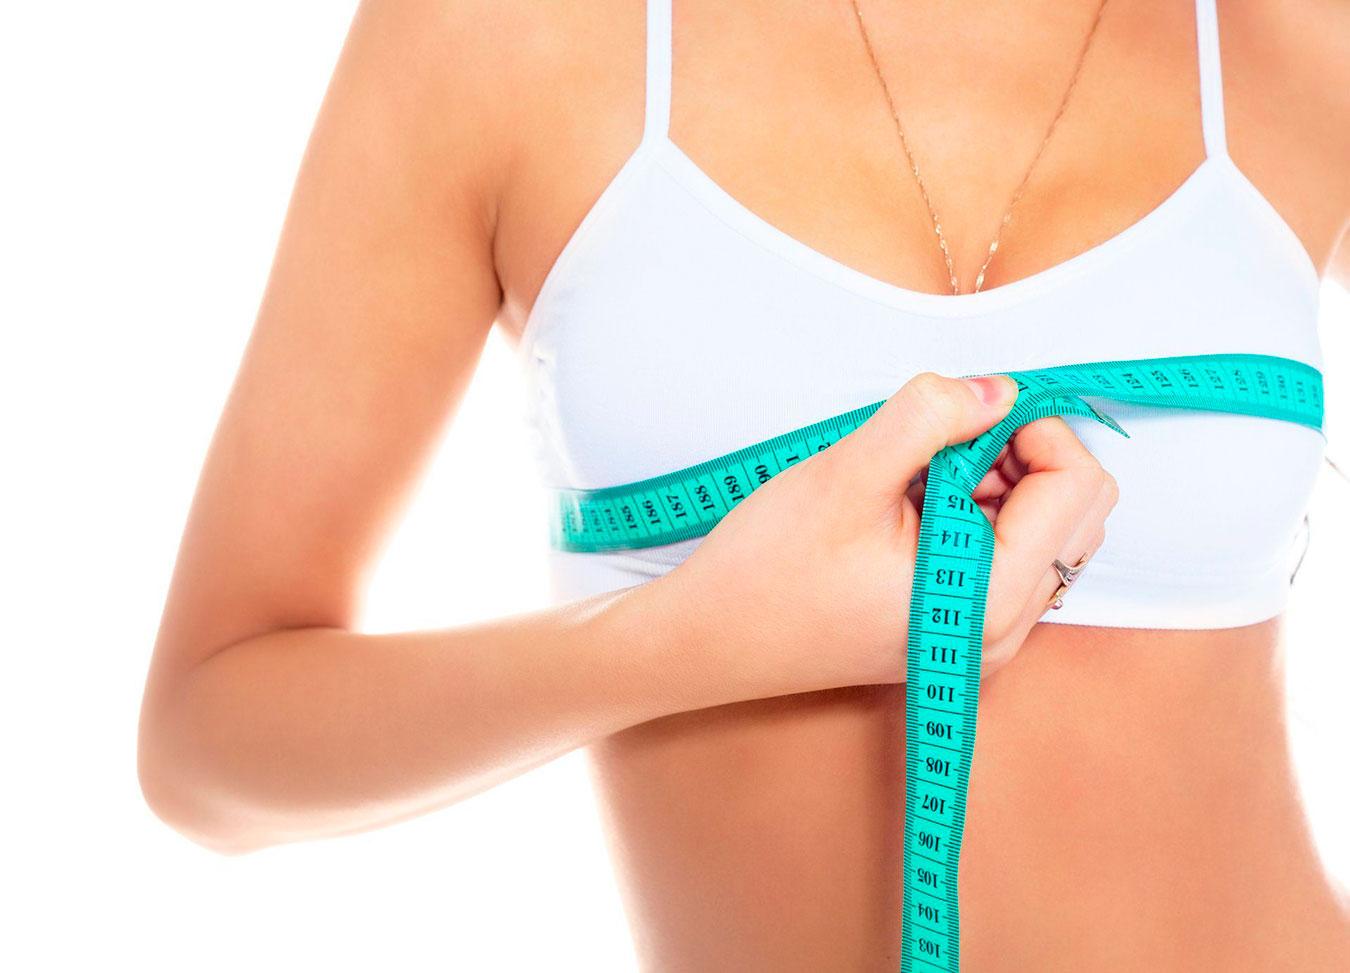 Операция по увеличению груди в зарубежных клиниках: топ-3 центра, специализирующихся на маммопластике